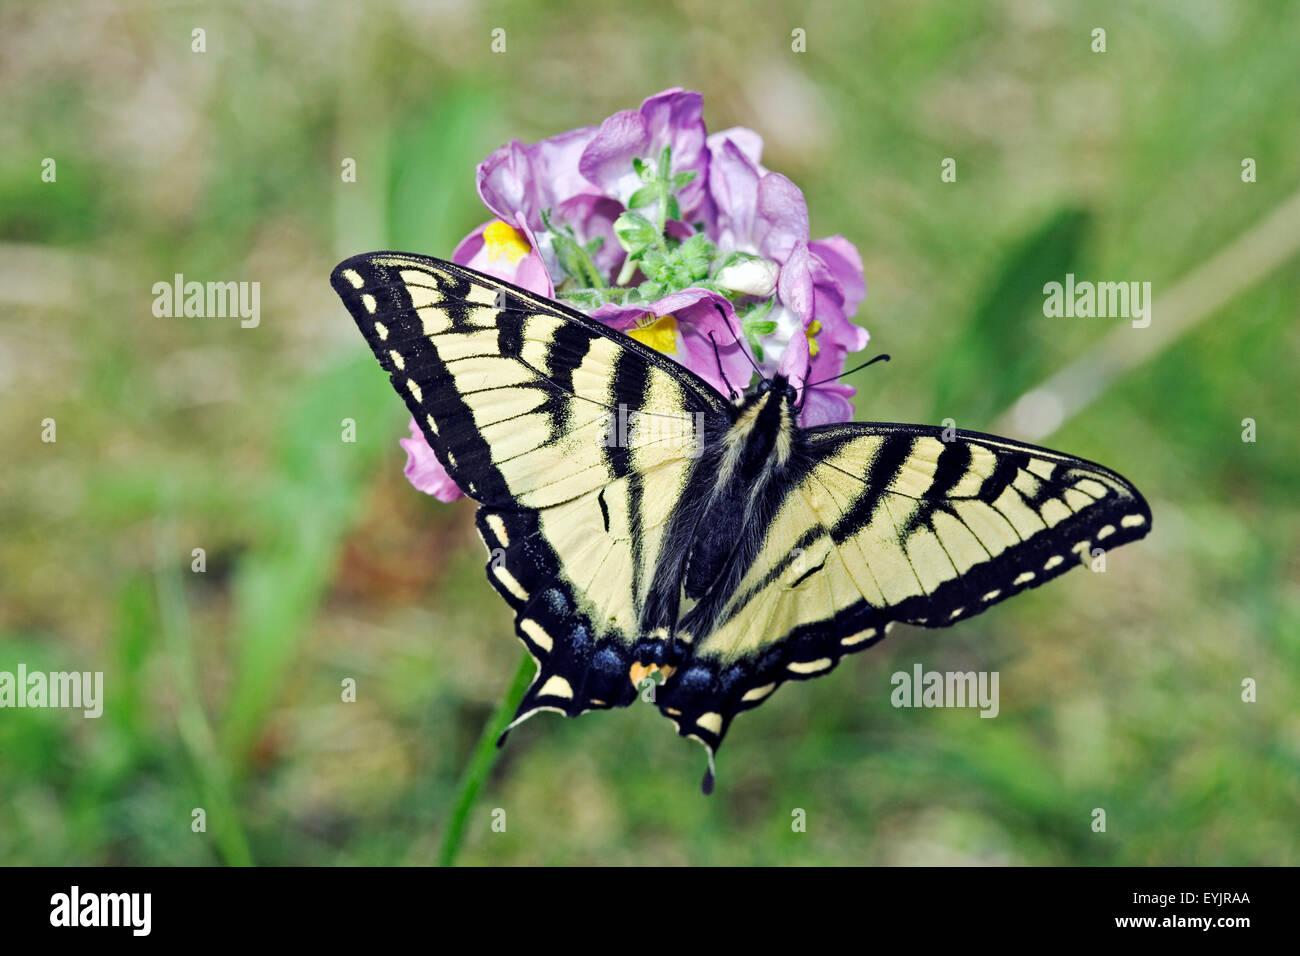 Coda di rondine alimentazione a farfalla sul trifoglio rosso fiore close up Immagini Stock